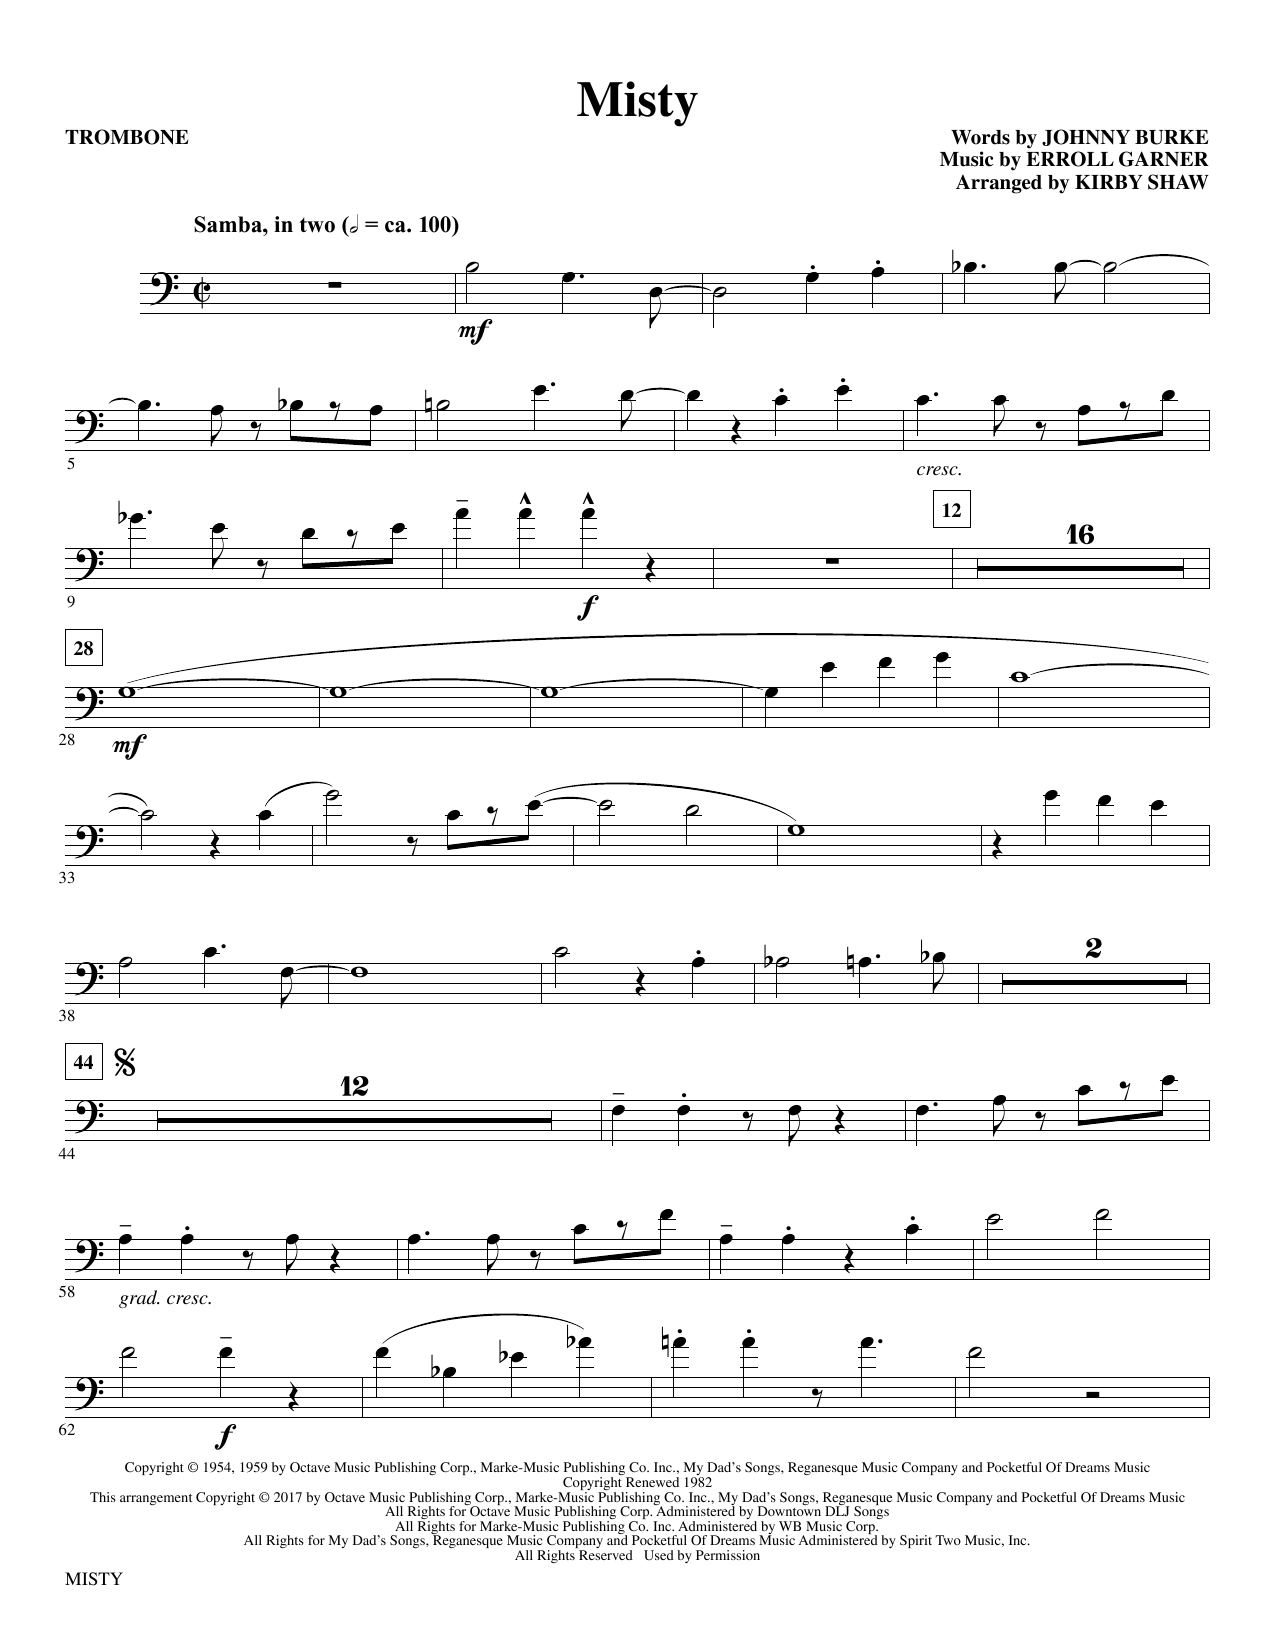 Misty - Trombone Sheet Music